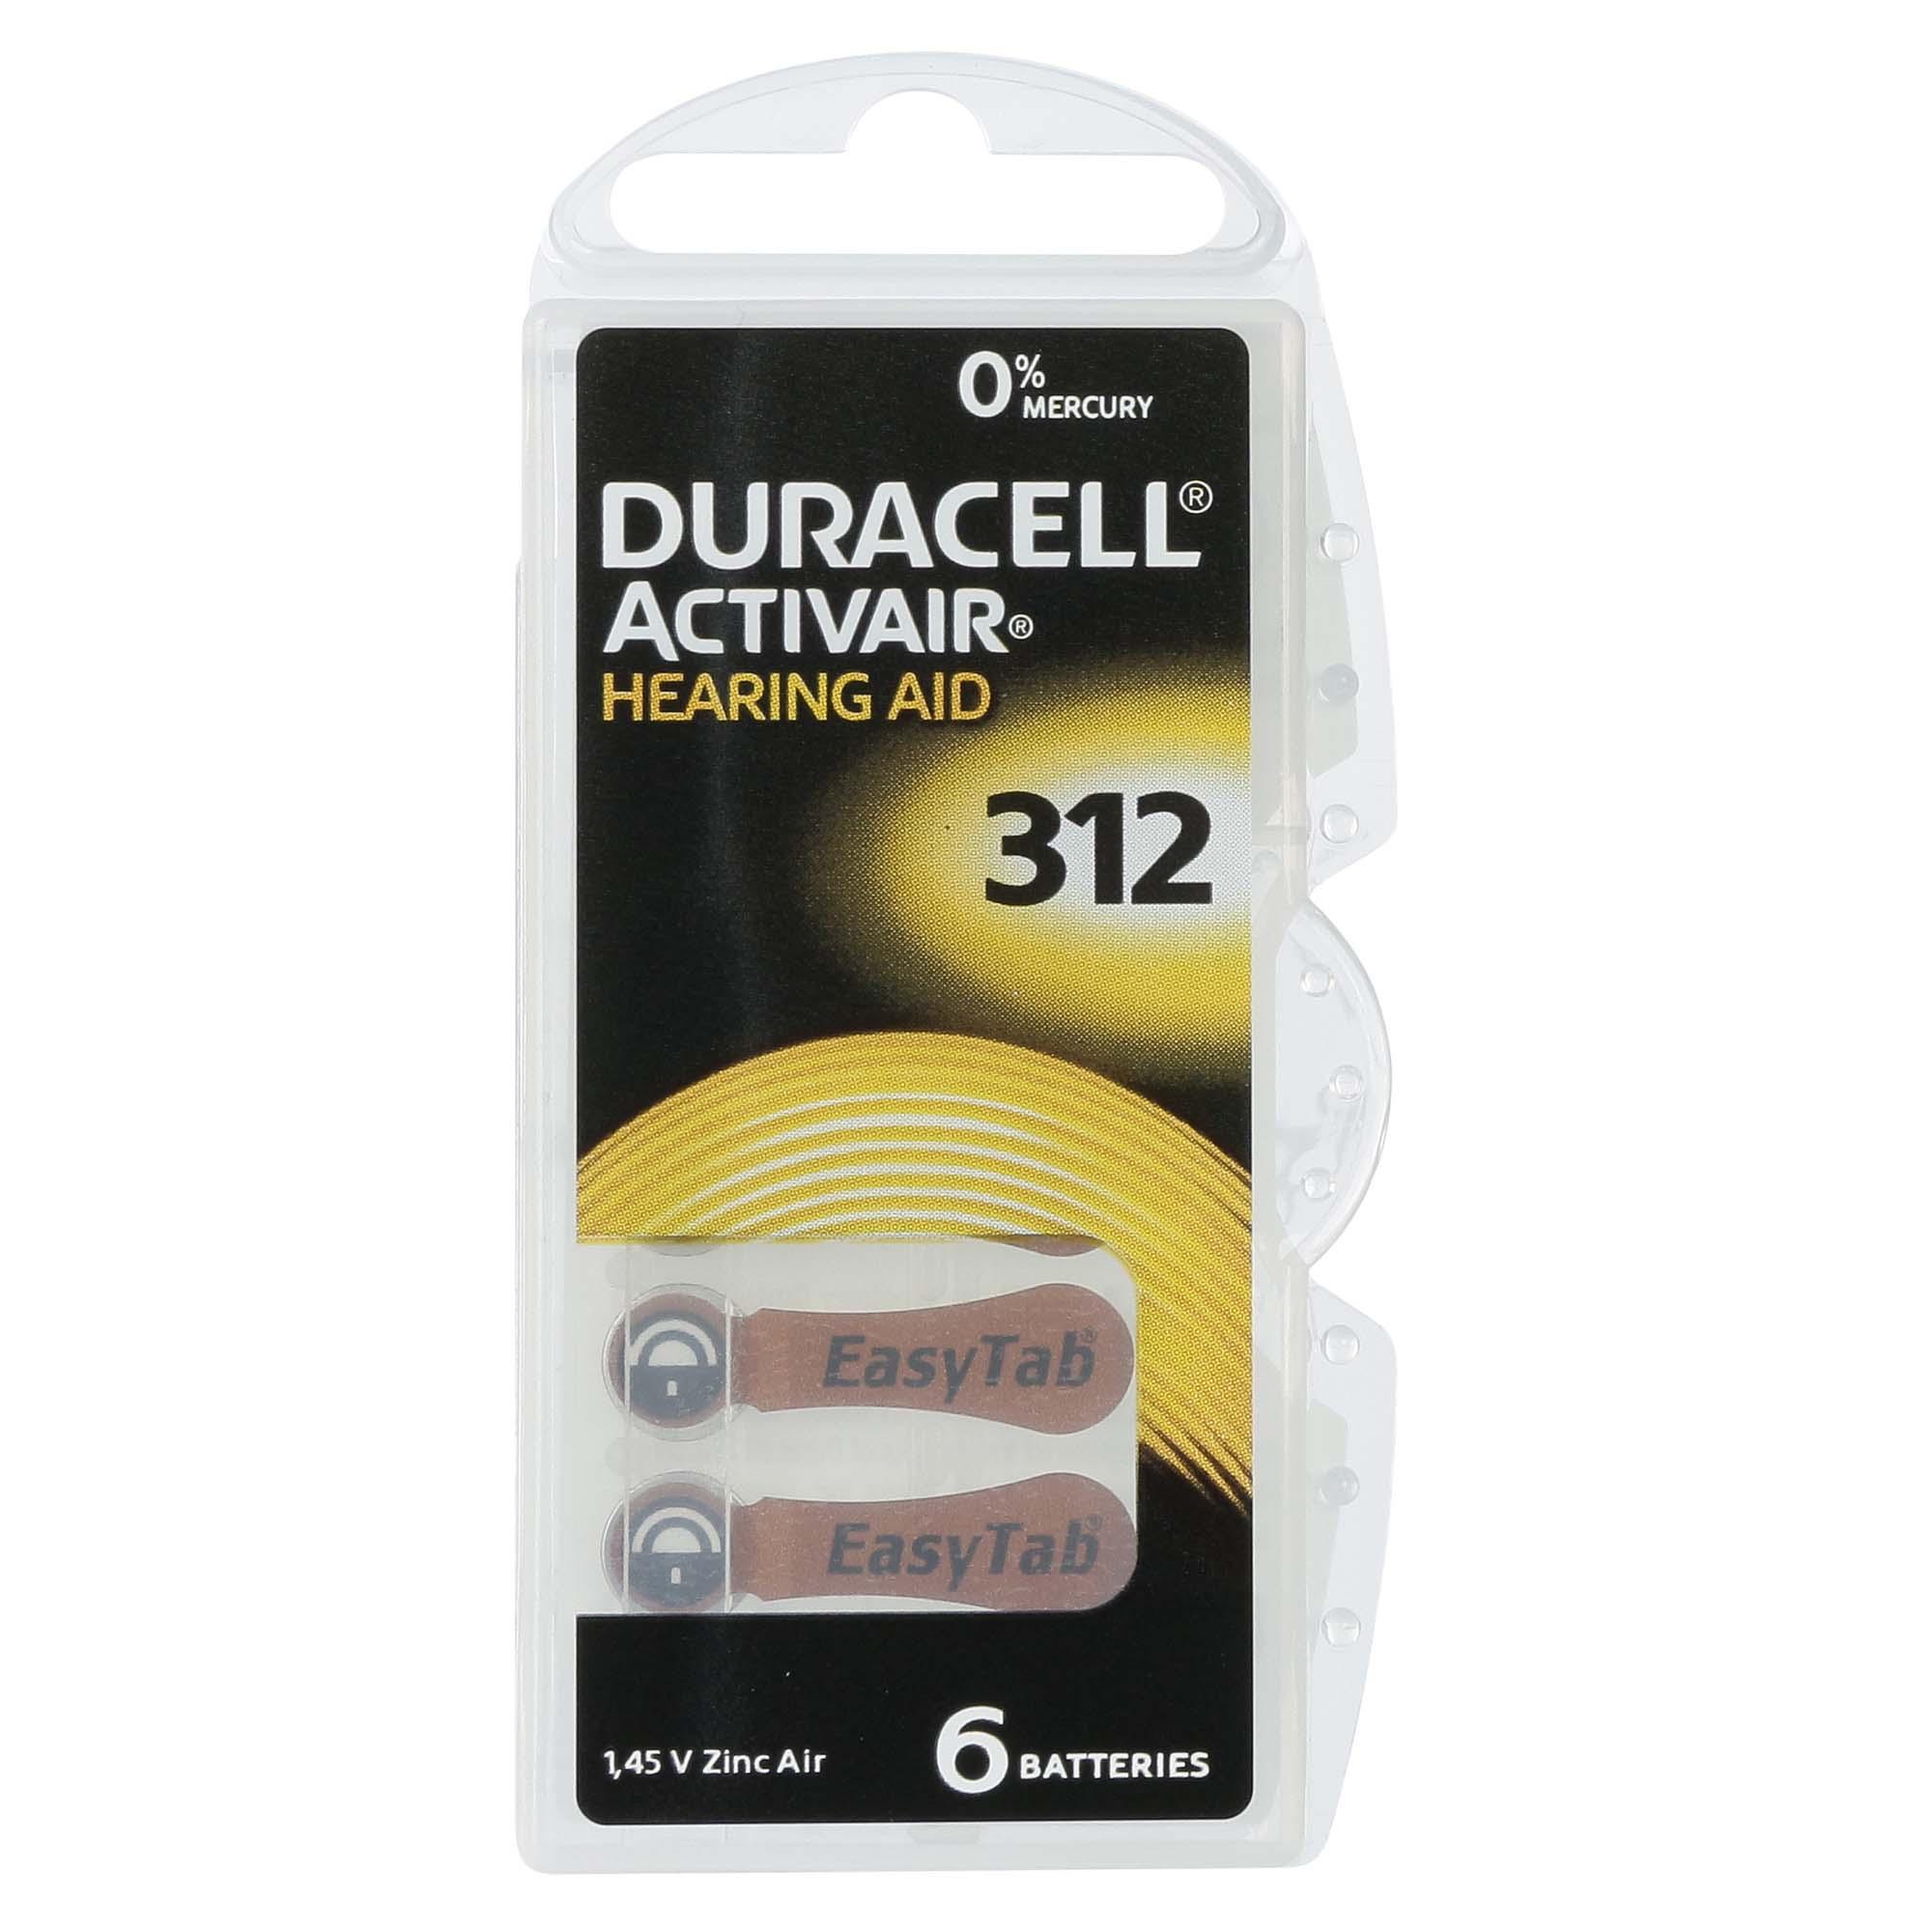 Duracell ActivAir 312 / PR41  - 10 Cartelas - 60 Baterias para Aparelho Auditivo  - SONORA